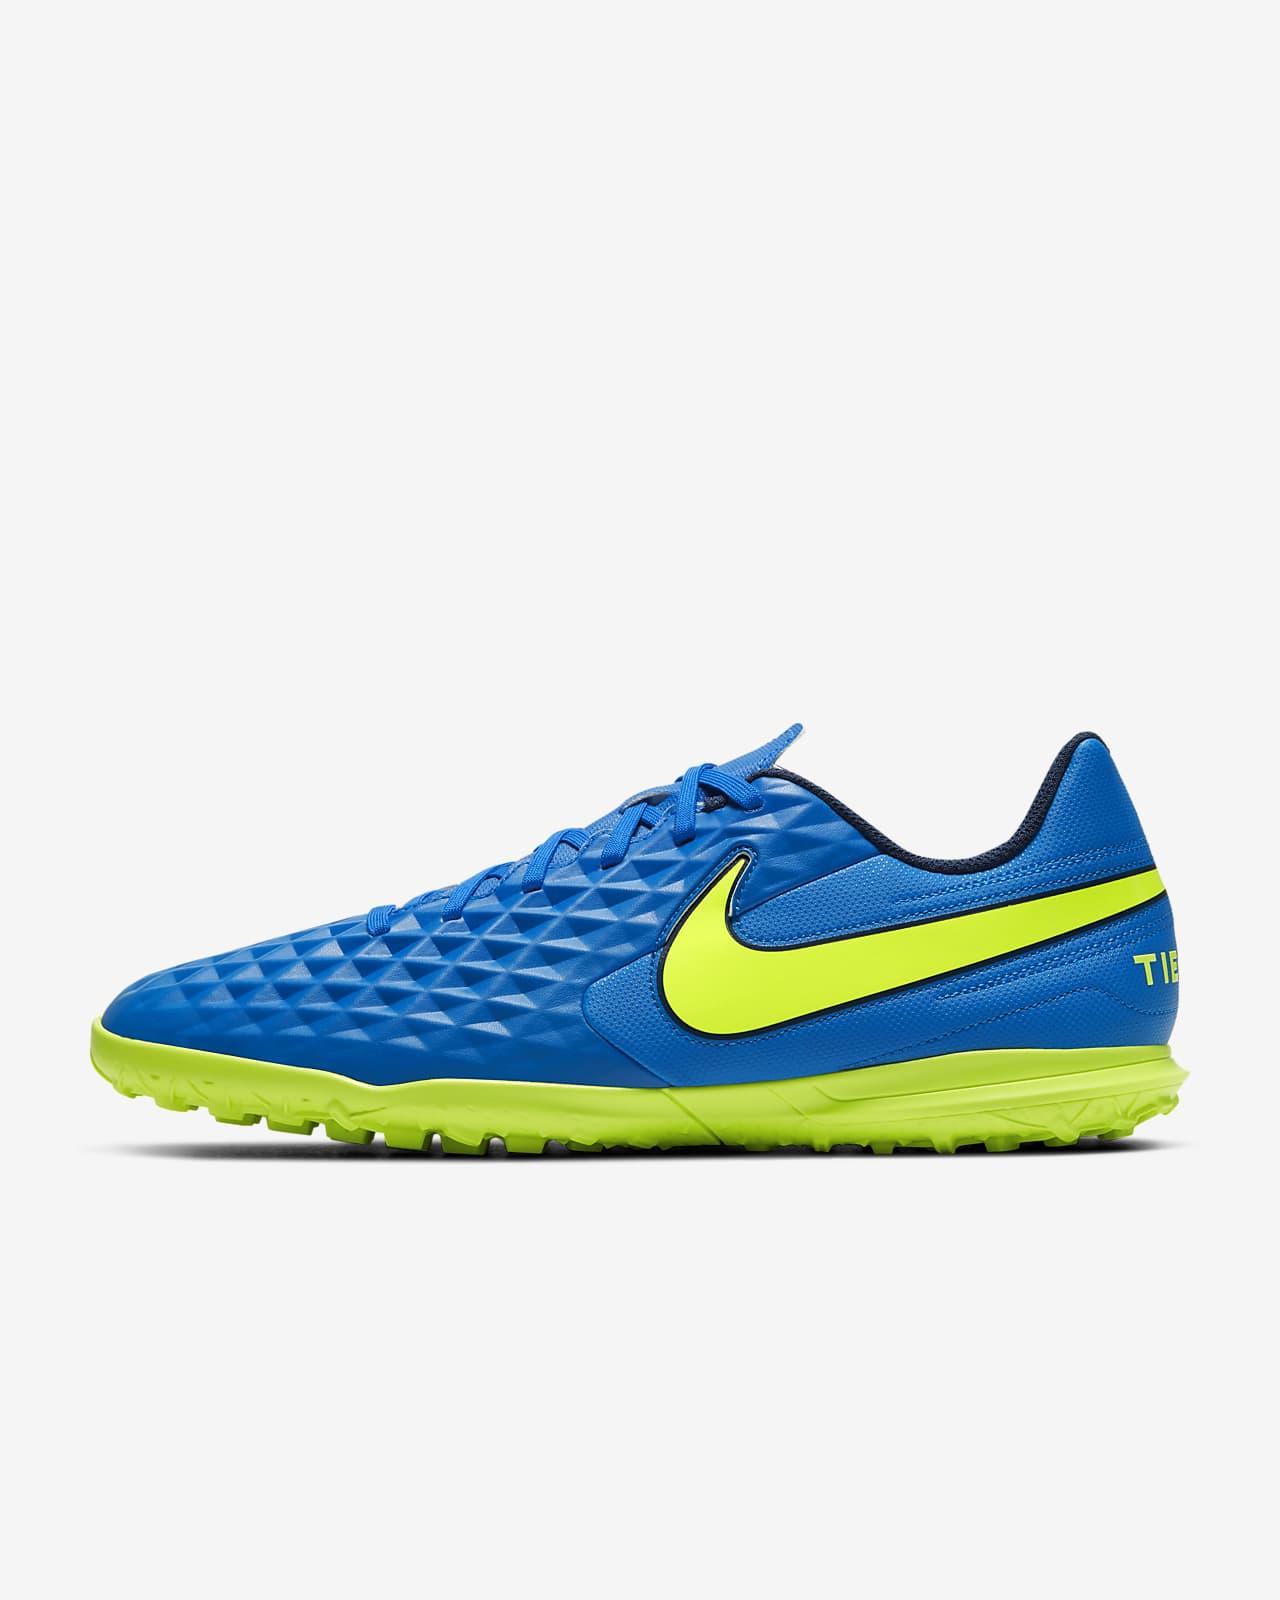 Scarpa da calcio per erba artificiale/sintetica Nike Tiempo Legend 8 Club TF